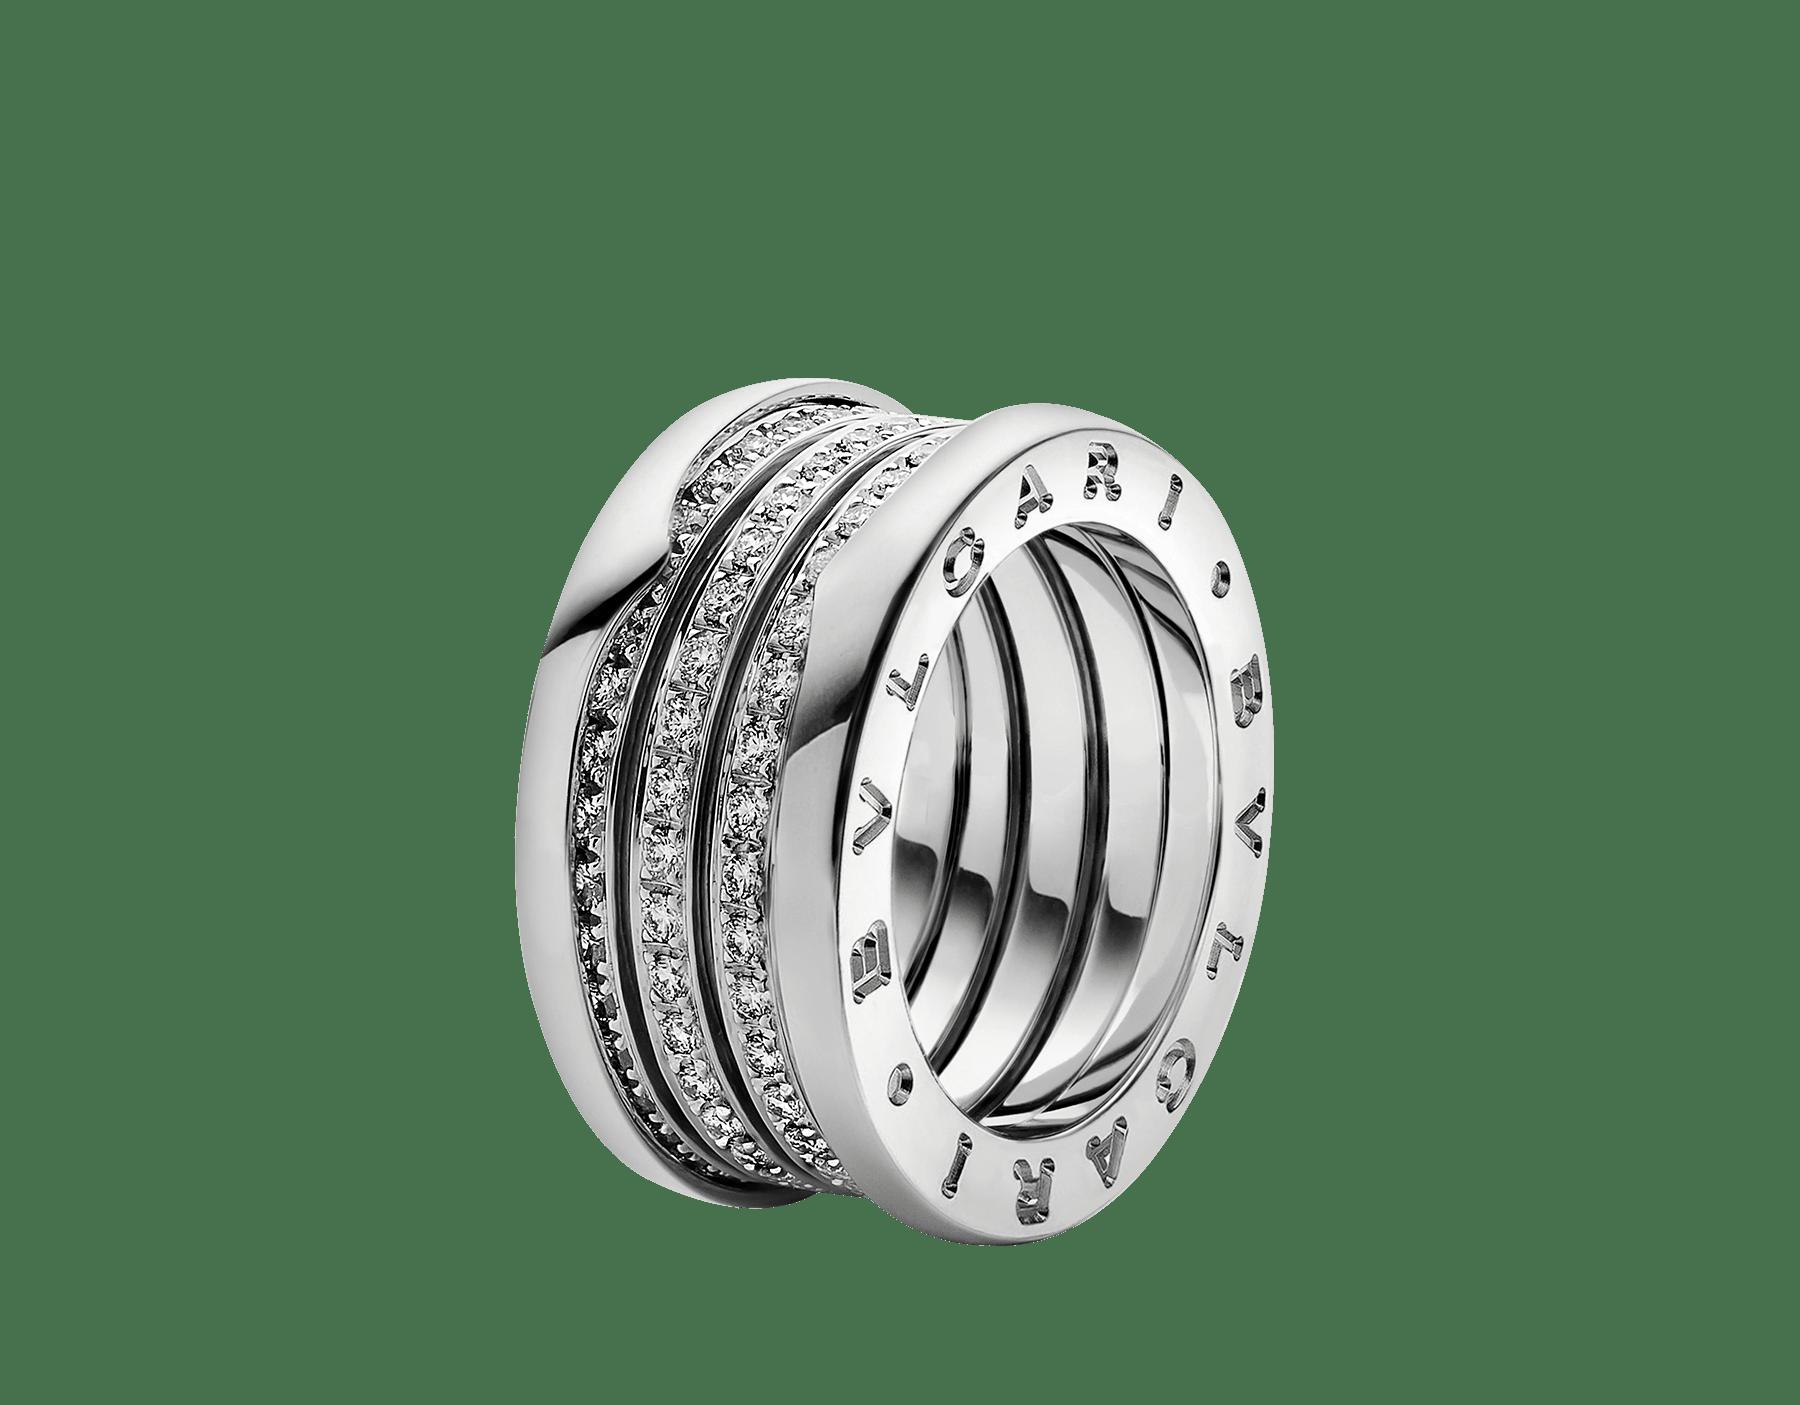 Fundindo o caráter ousado de suas curvas fluidas com a preciosidade de diamantes cravejados, o anel B.zero1 revela um espírito versátil e uma elegância contemporânea. B-zero1-4-bands-AN850556 image 1